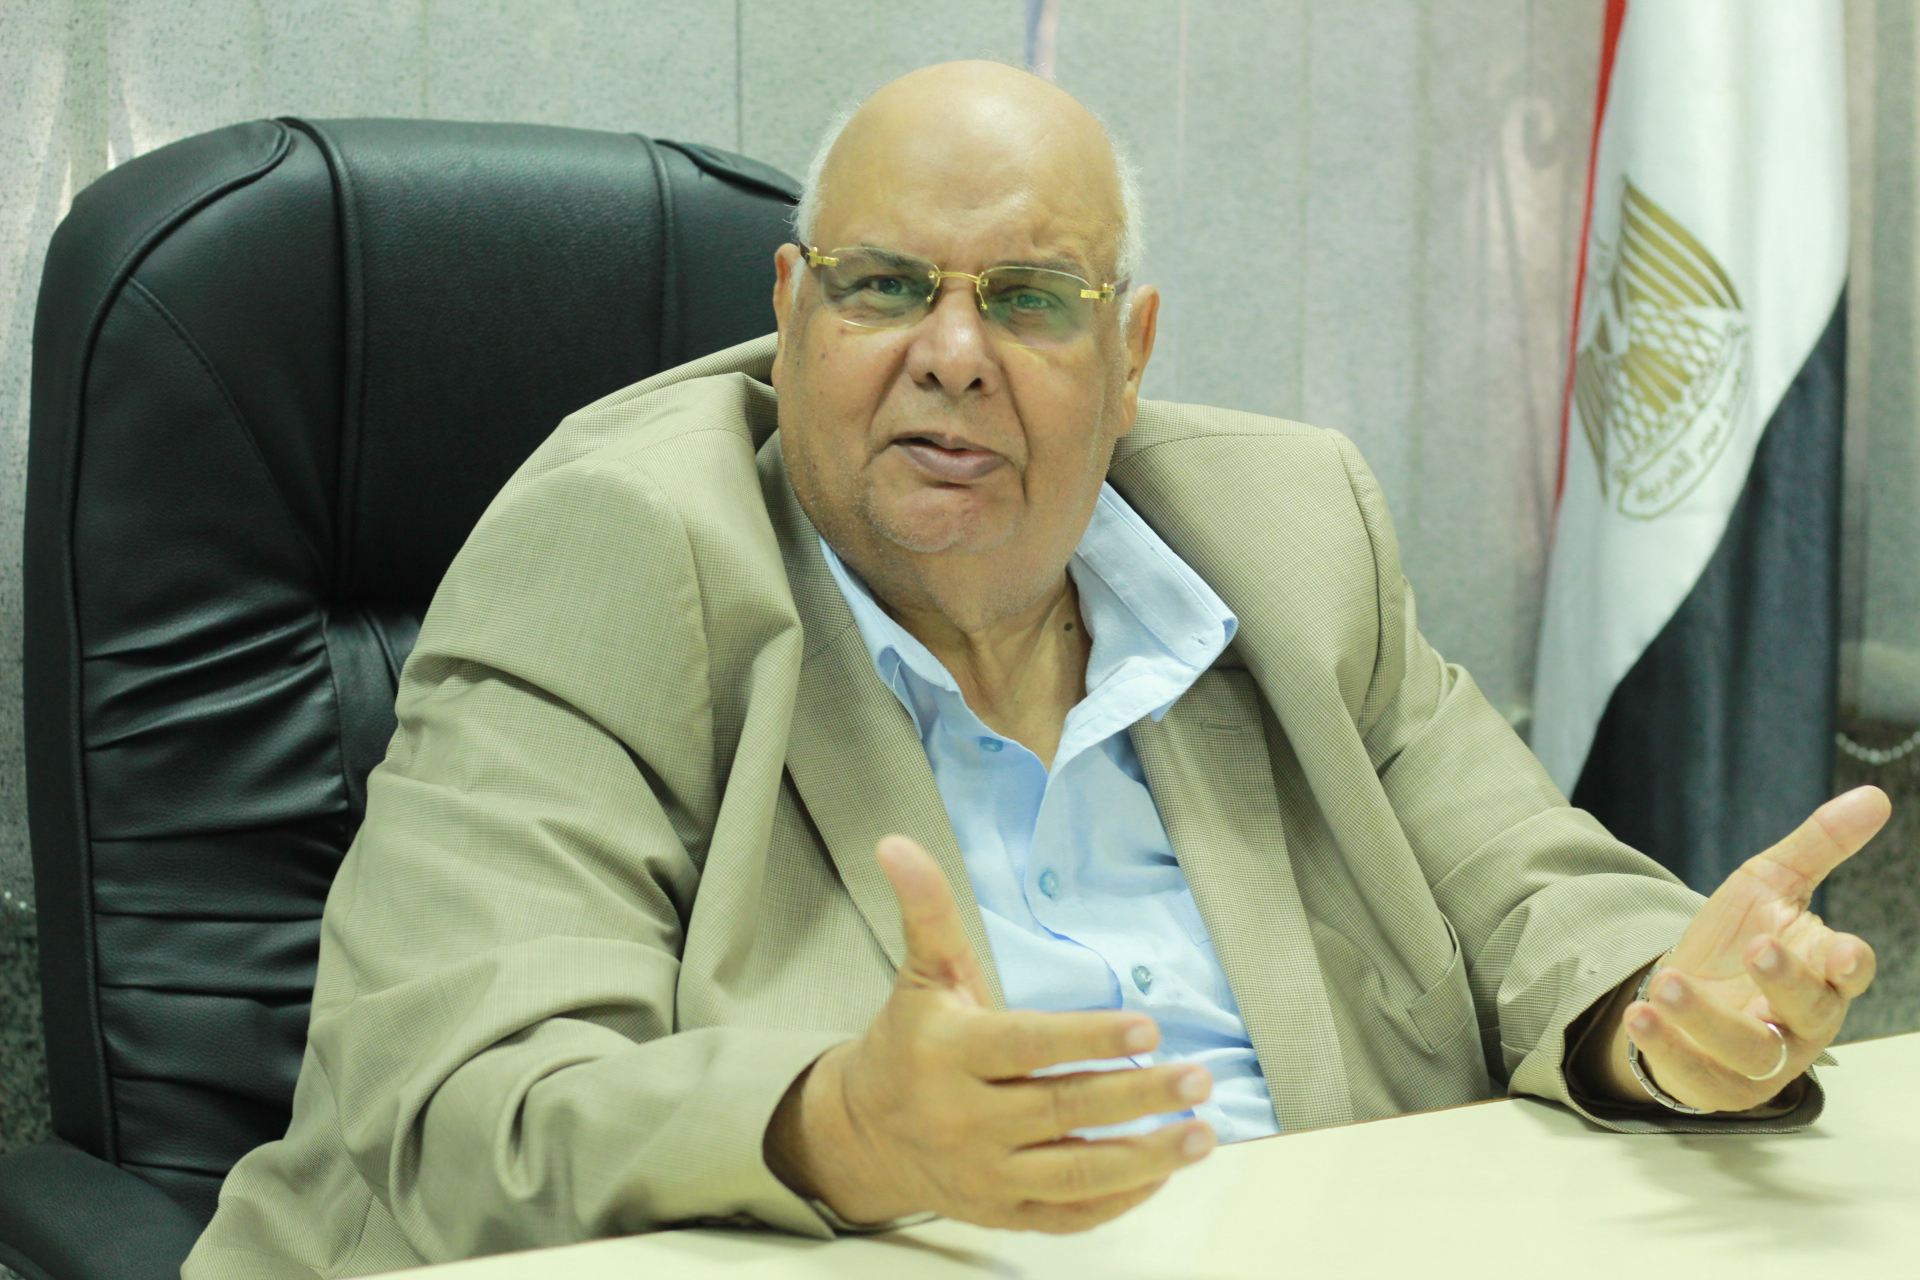 محمد خميس شعبان ؛ جمعية مستثمرى السادس من أكتوبر